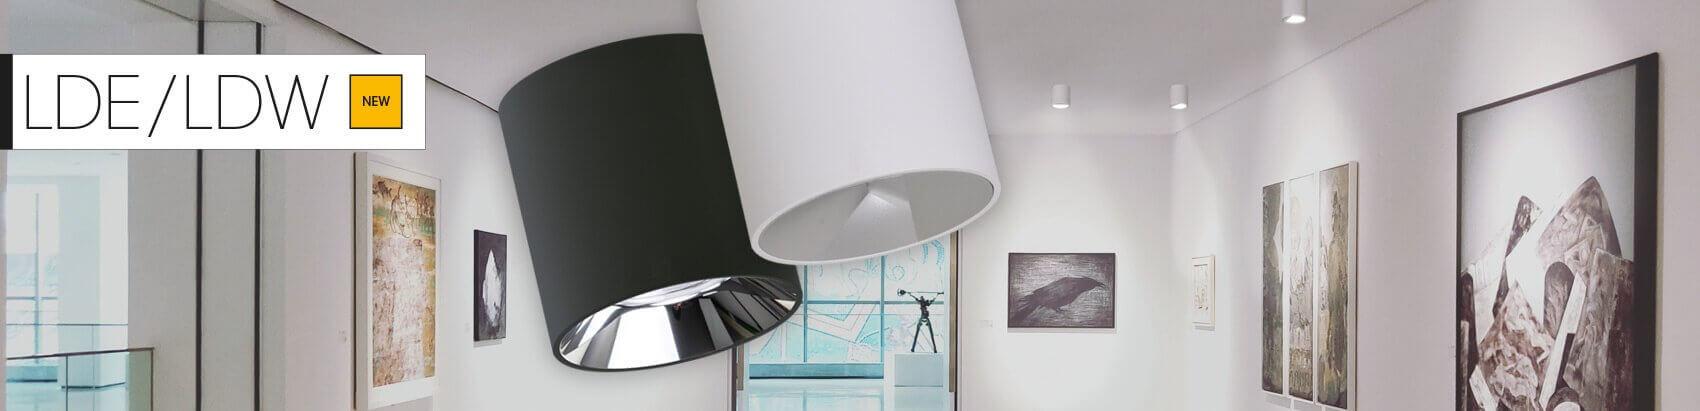 Banner - LED/LDW